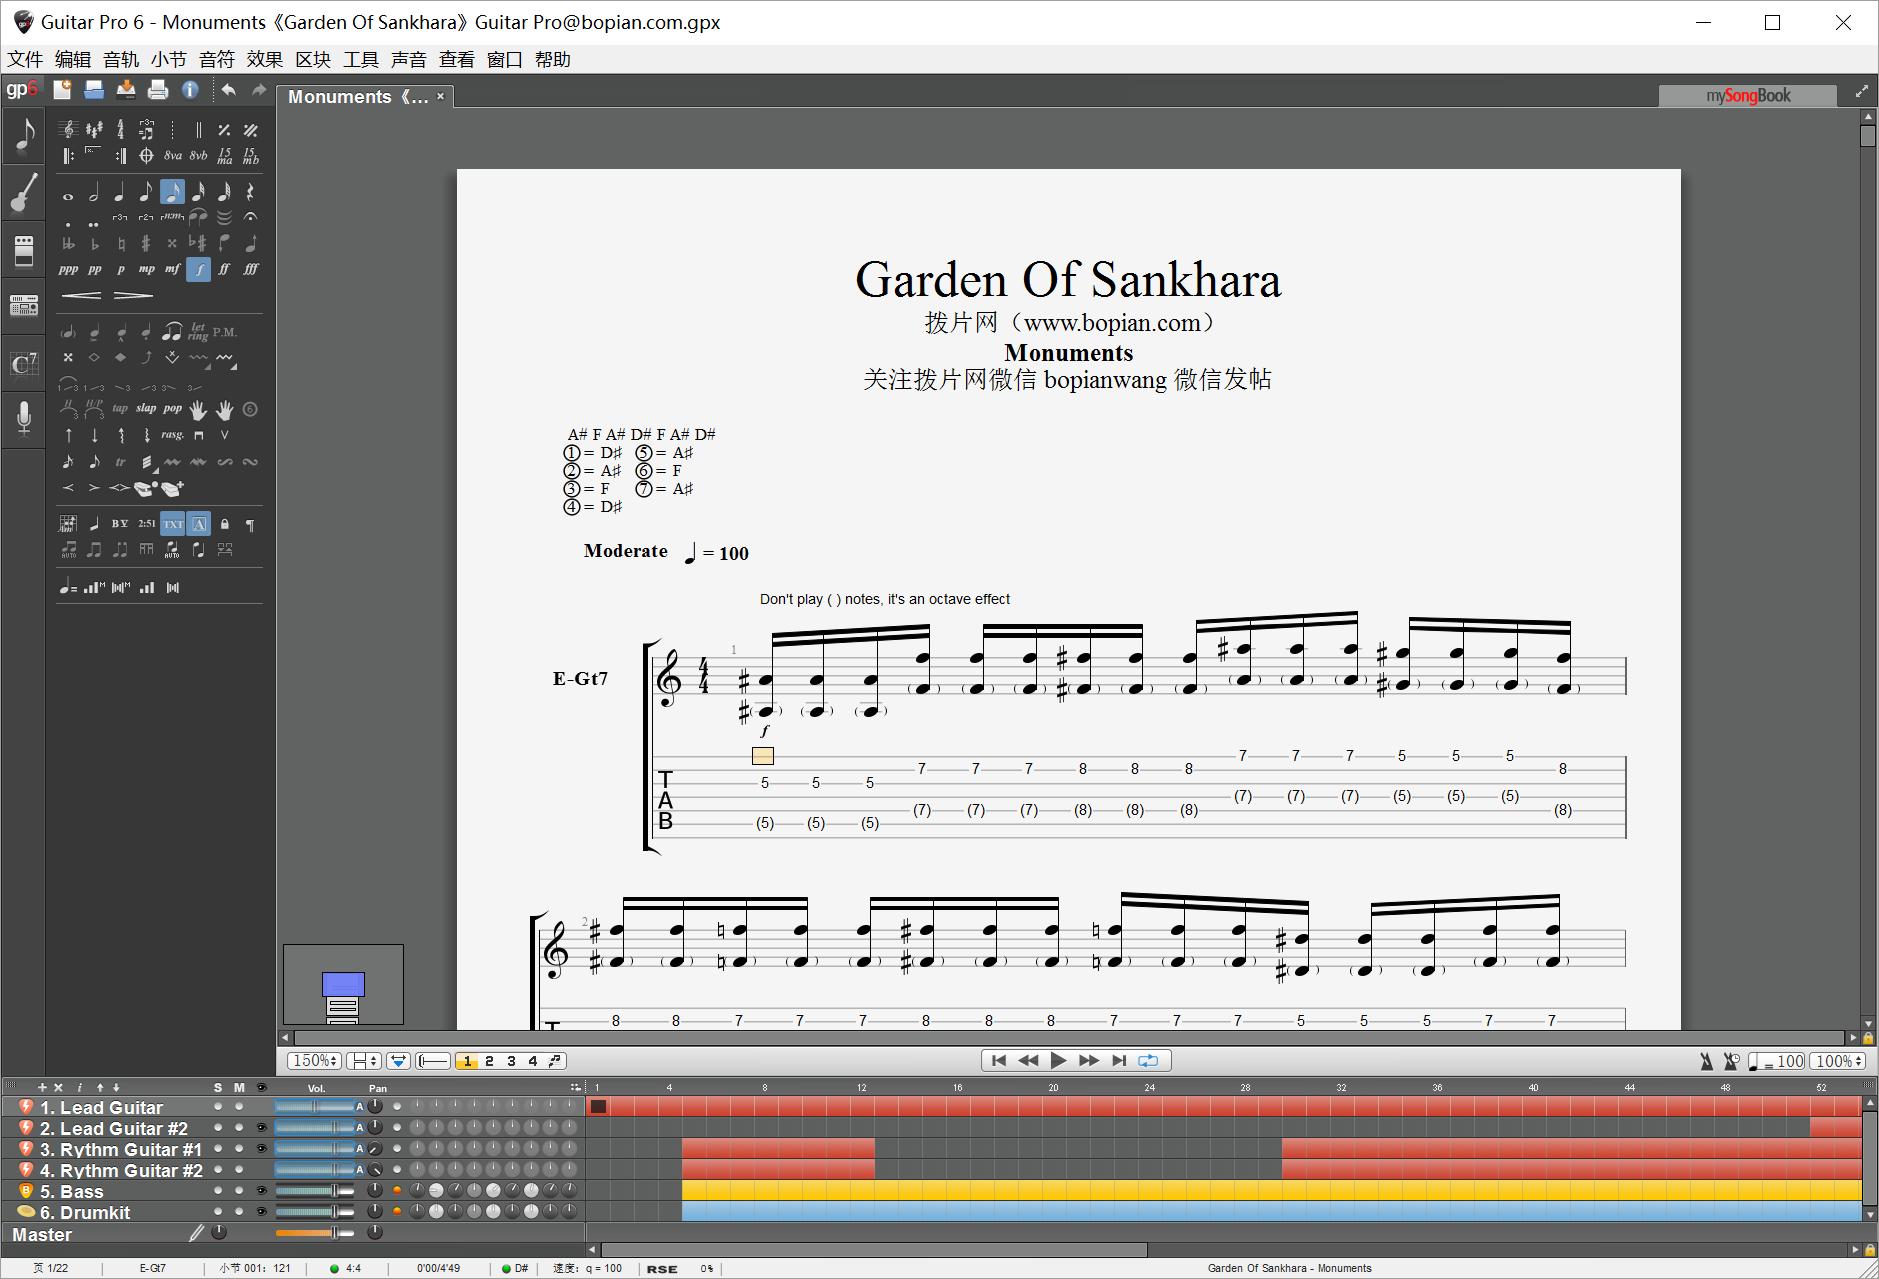 拨片网_乐队谱_Monuments《Garden_Of_Sankhara》Guitar_Pro@bopian.com_.png